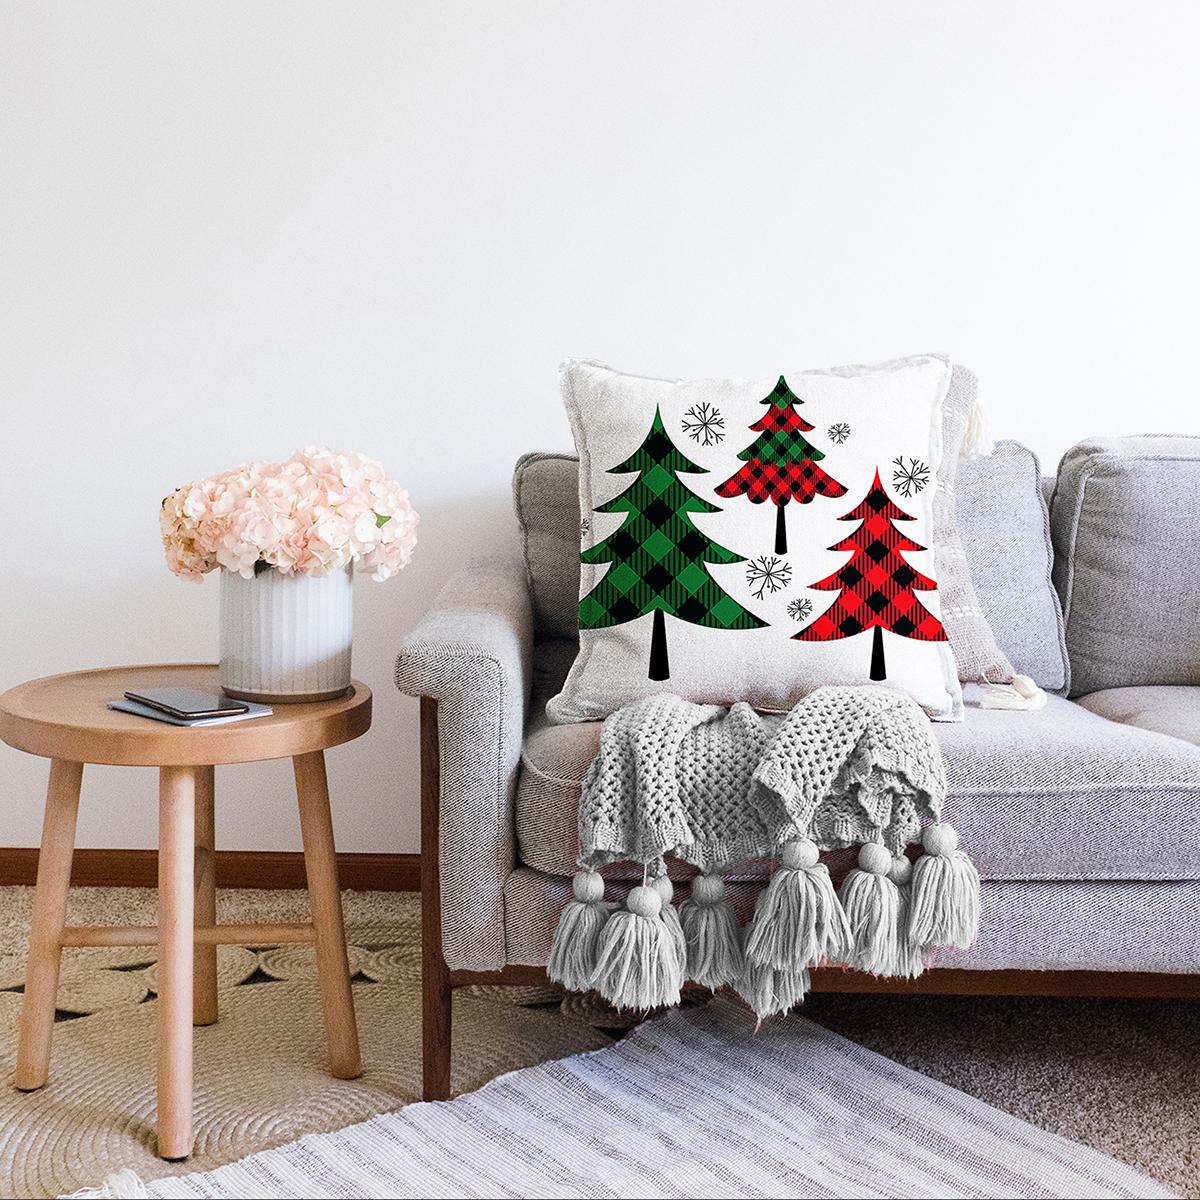 Çift Taraflı Beyaz Zemin Üzerinde Ekose Desenli Çamağacı Motifli Şönil Yastık Kırlent Kılıfı Realhomes